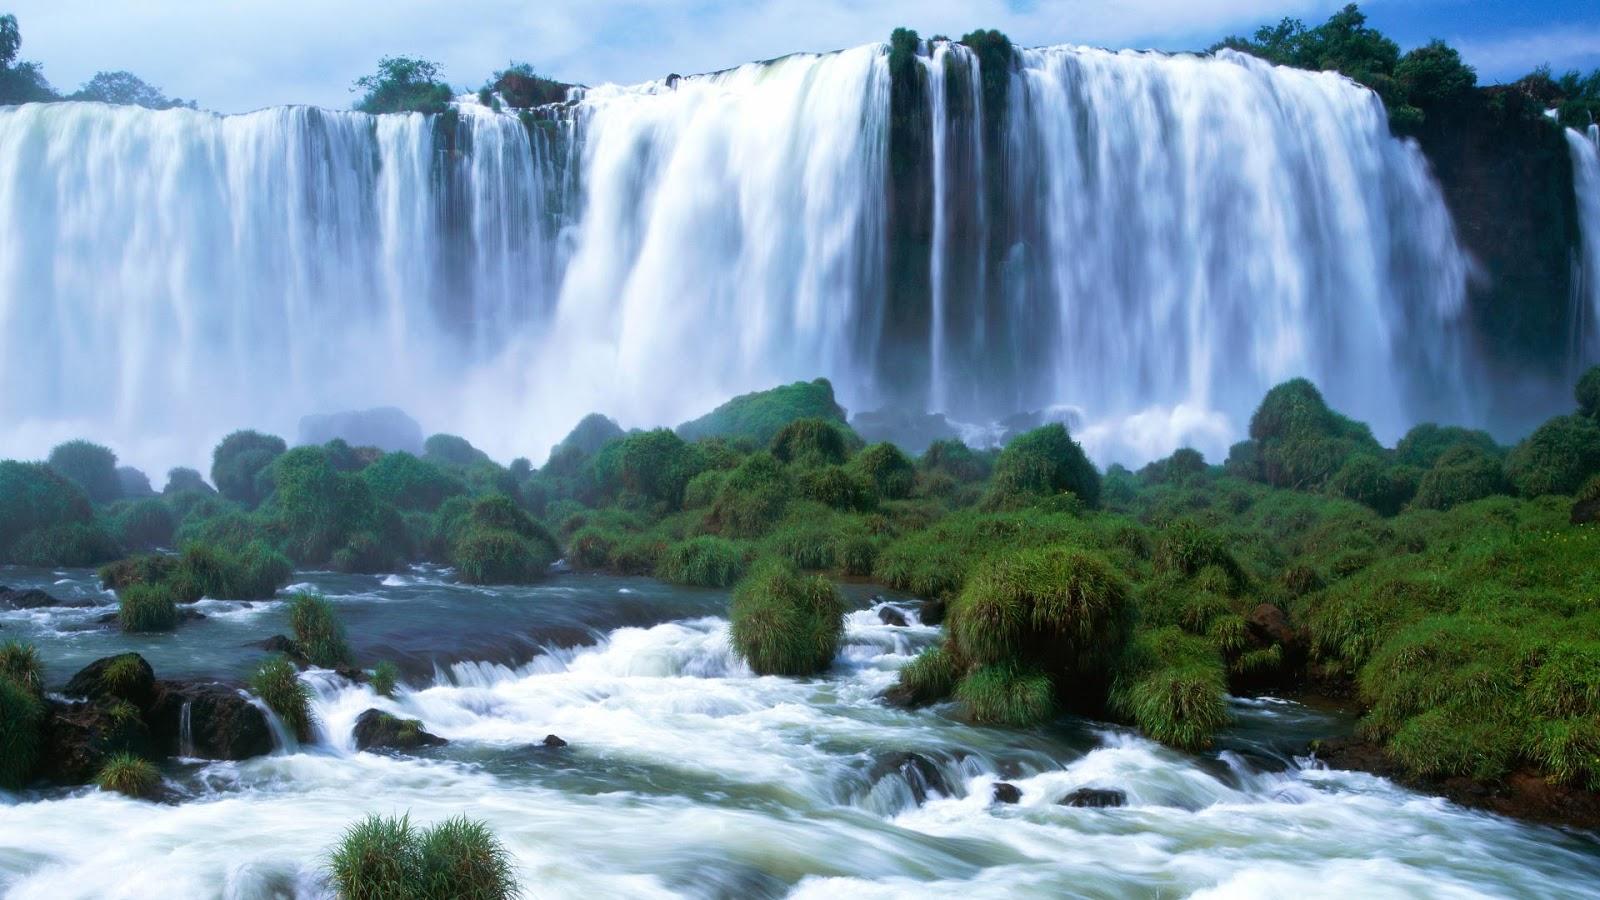 http://4.bp.blogspot.com/-rbKtX6y-J8U/T3GQMdSJfFI/AAAAAAAAIXY/uvt4TwQmCd4/s1600/iguassu_falls_brazil.jpg